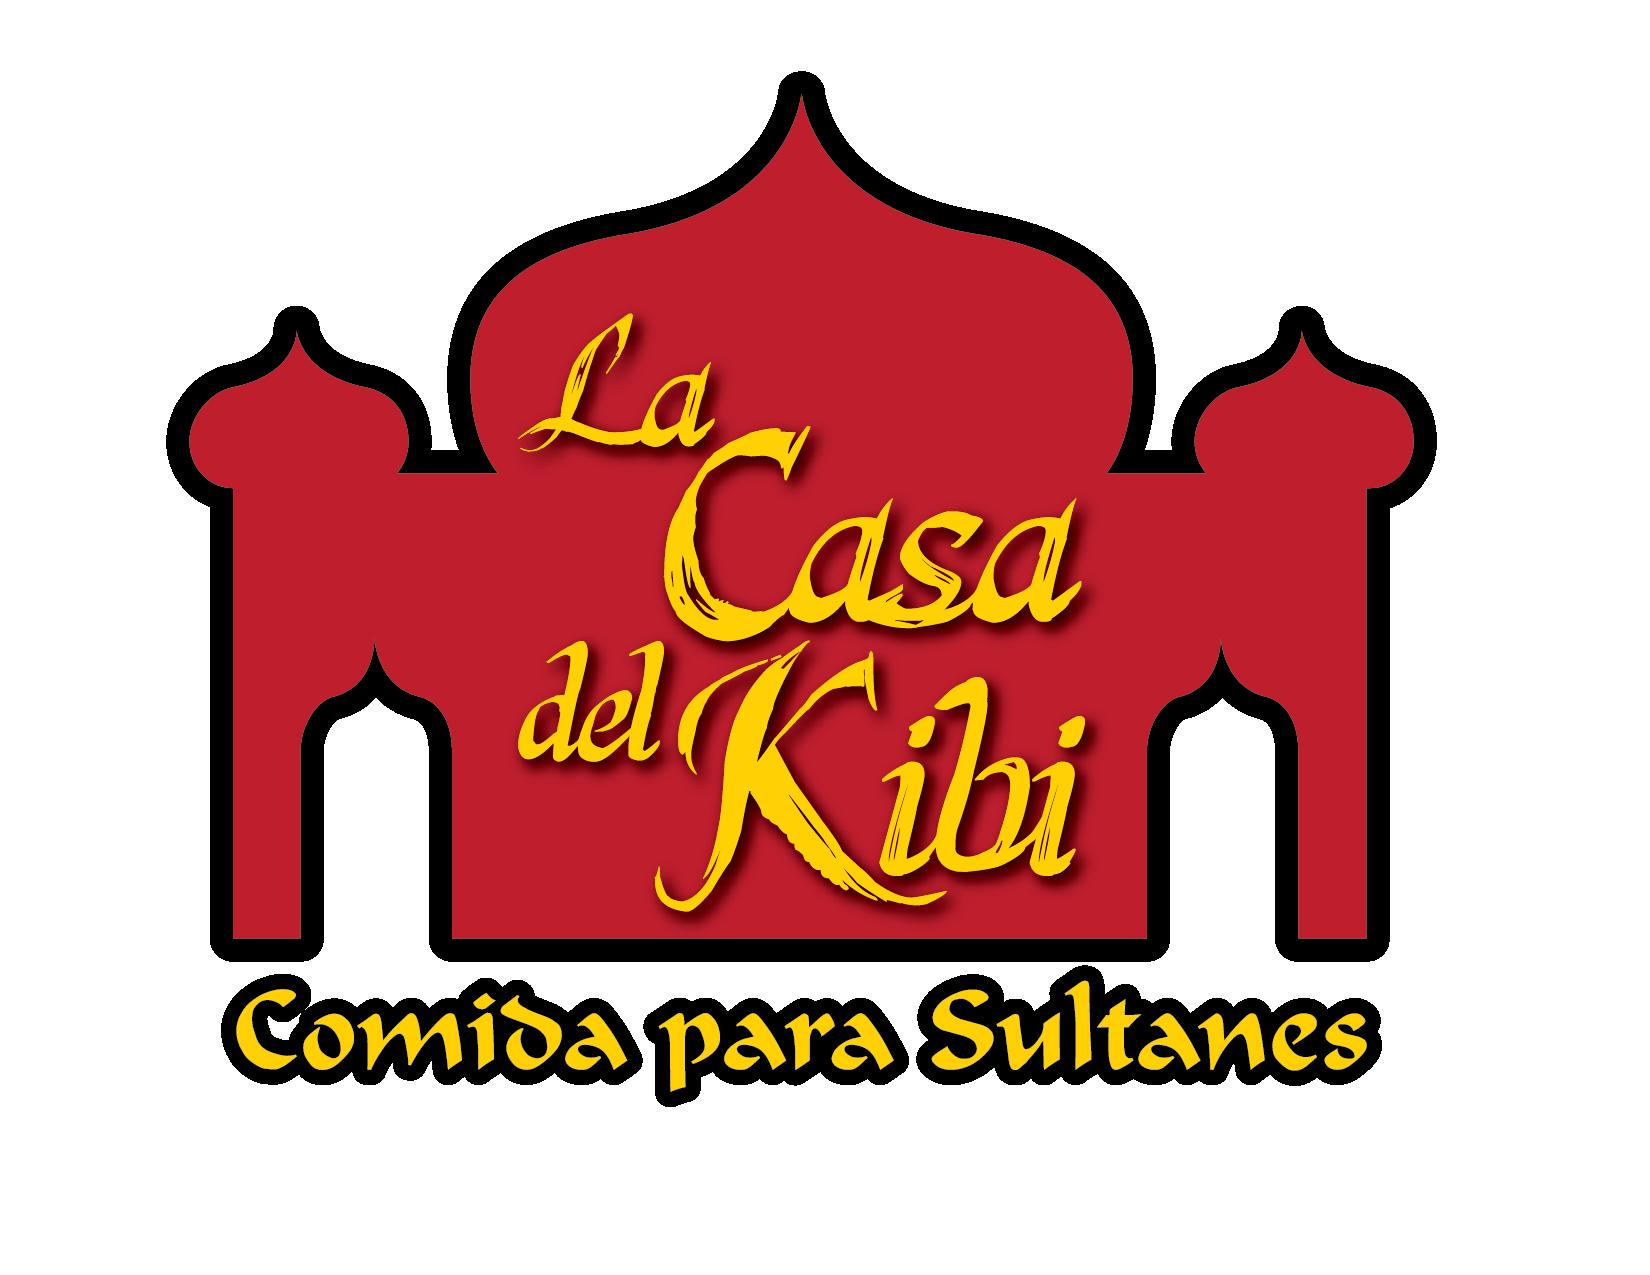 La Casa del Kibi